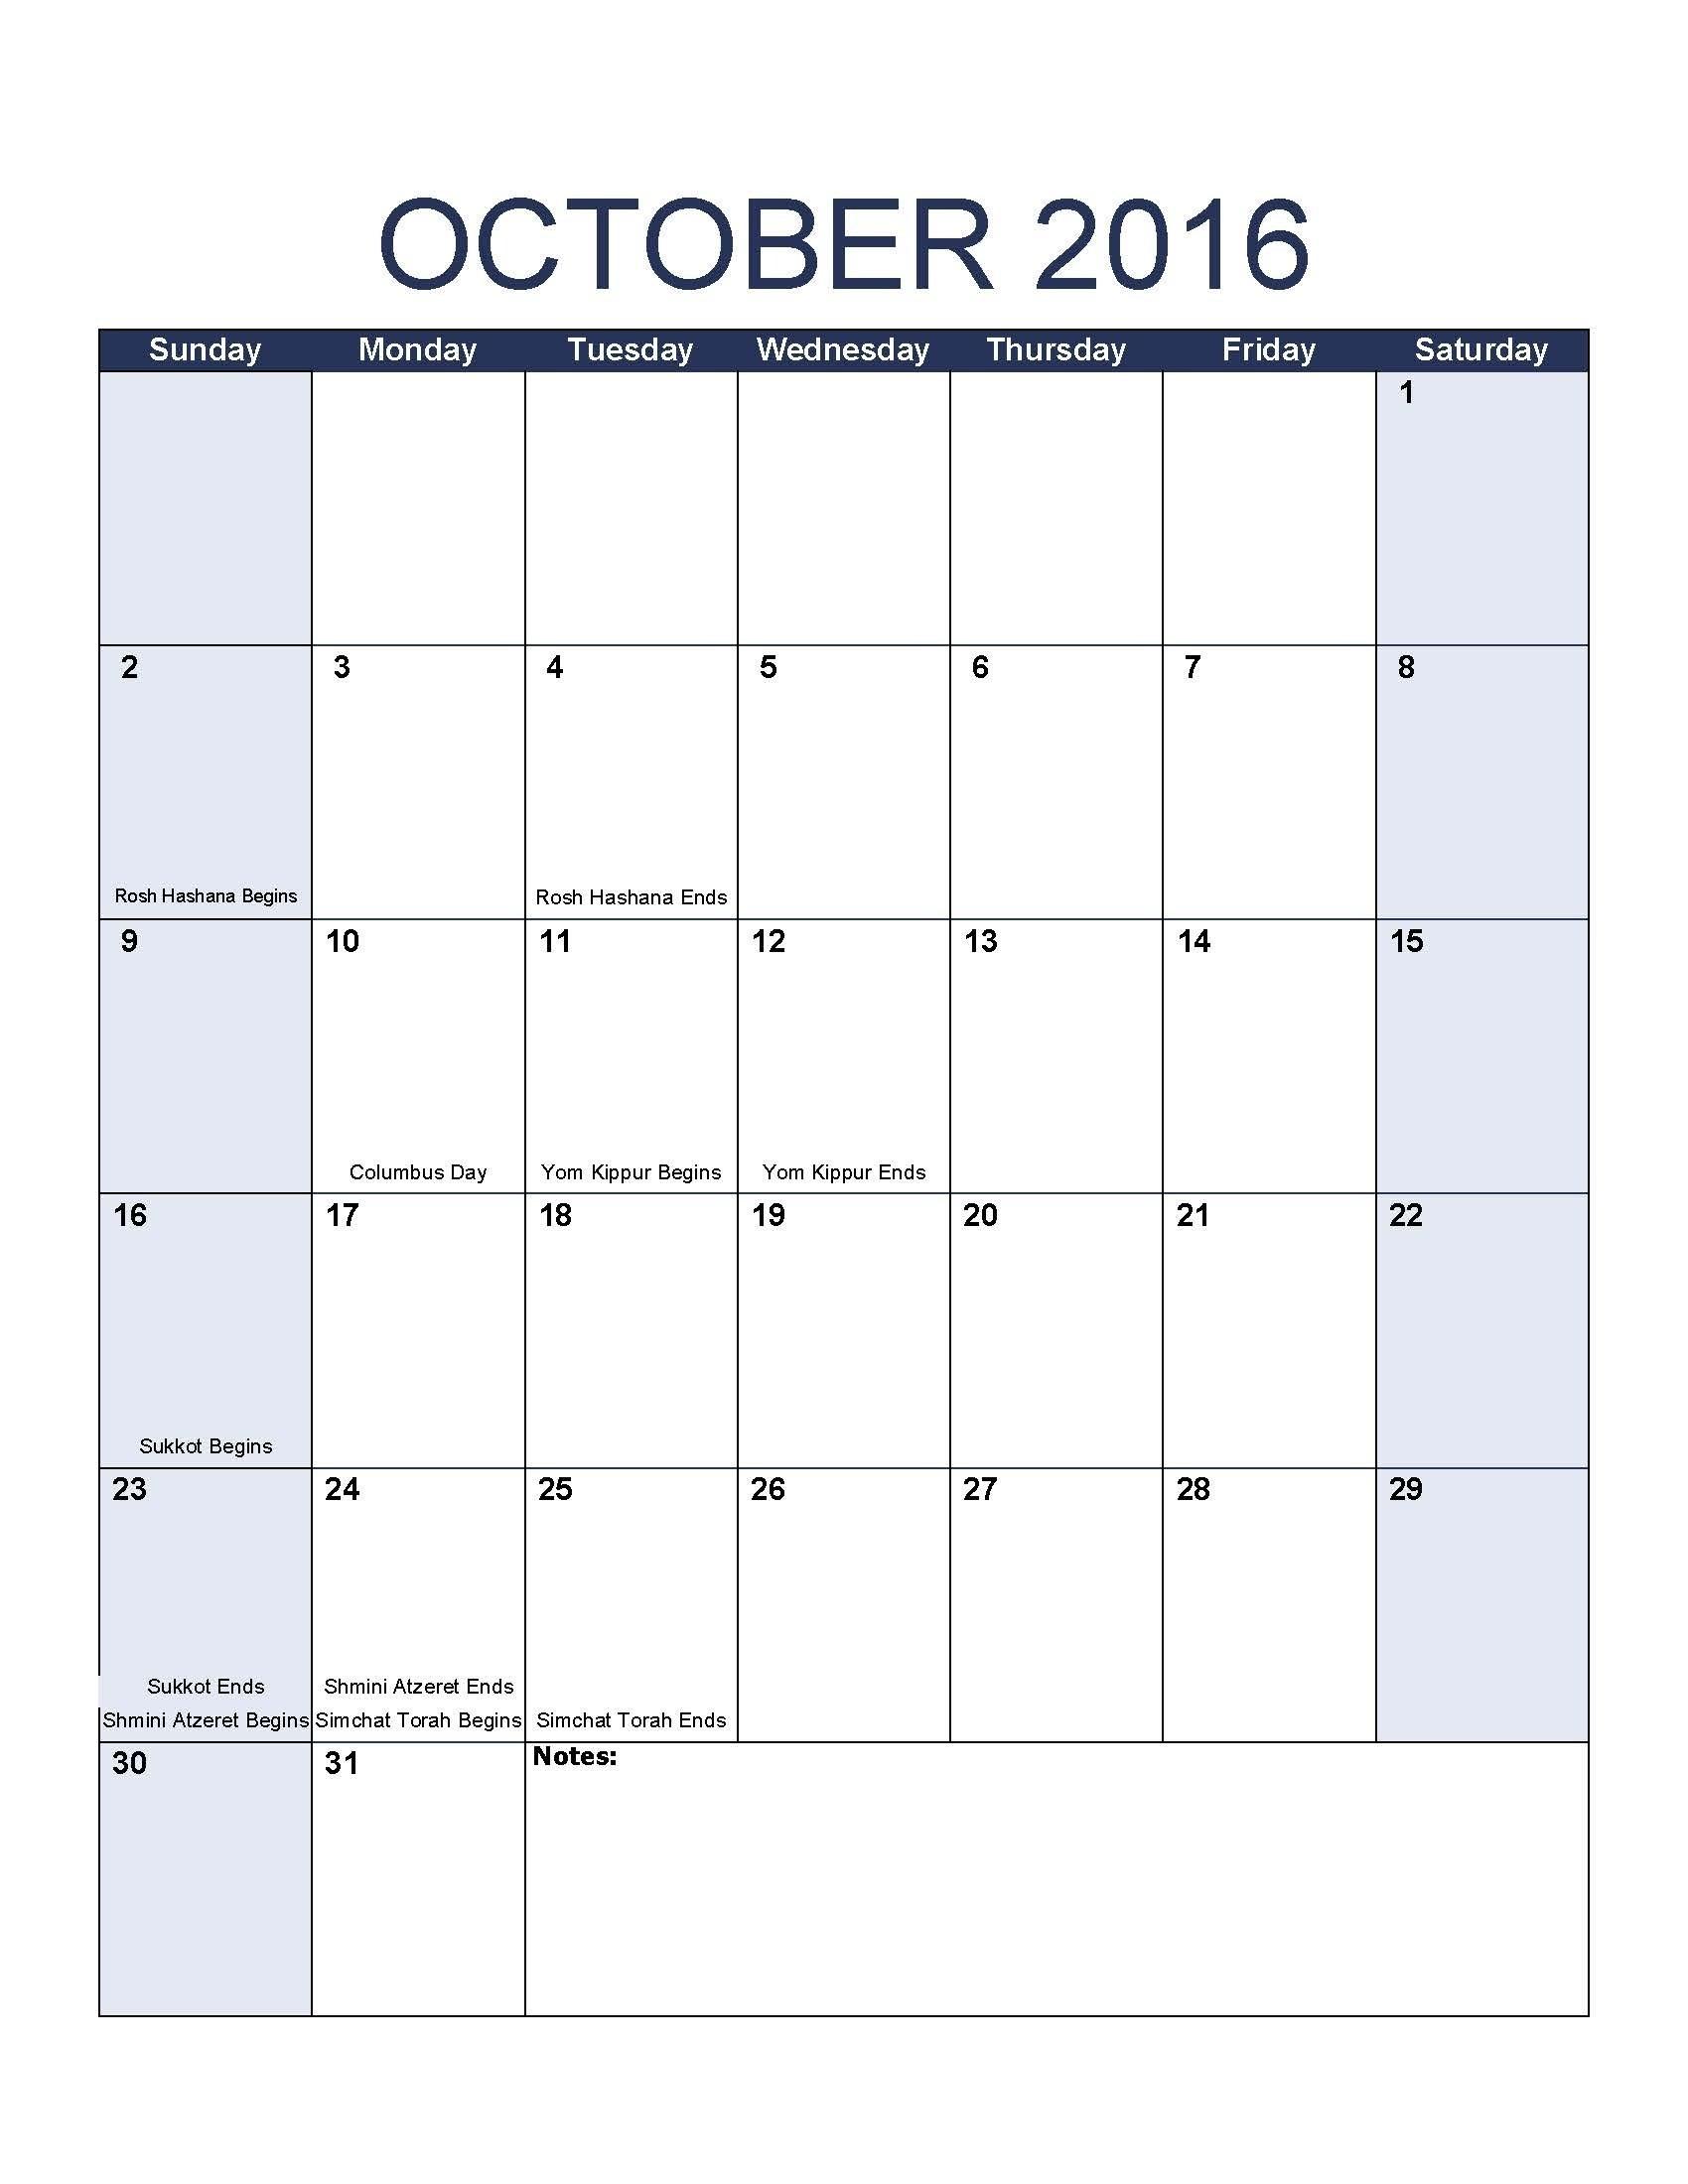 Jewish Holidays Oct 2016 | Madinbelgrade With October 2016-Jewish Holidays In October